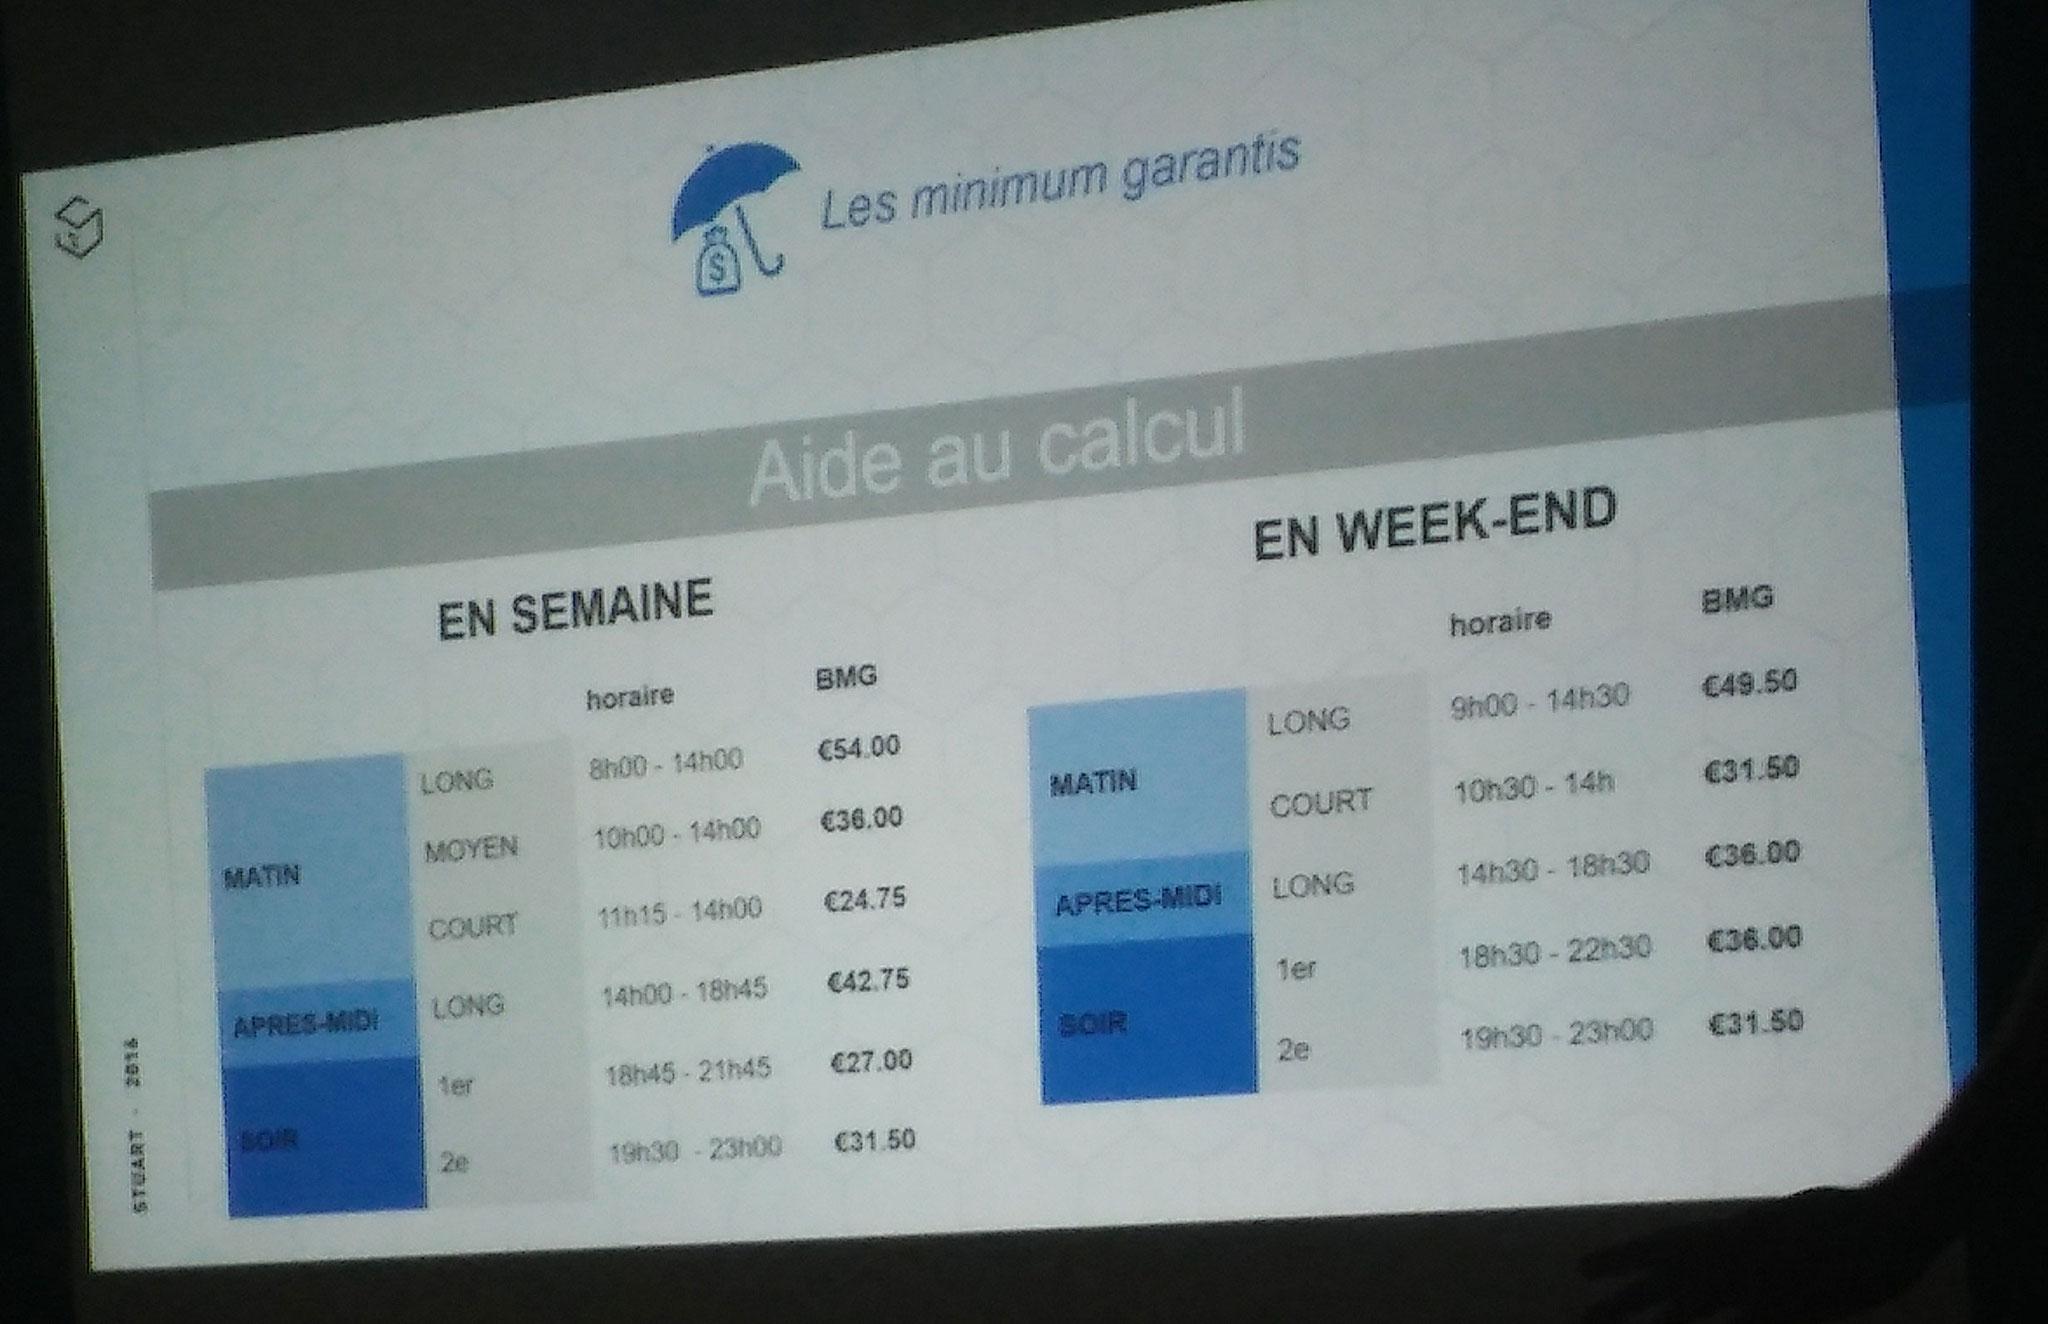 Stuart paie 4,50 euros la course (7,12 pour une course longue) ainsi que des minimums garantis (BMG)